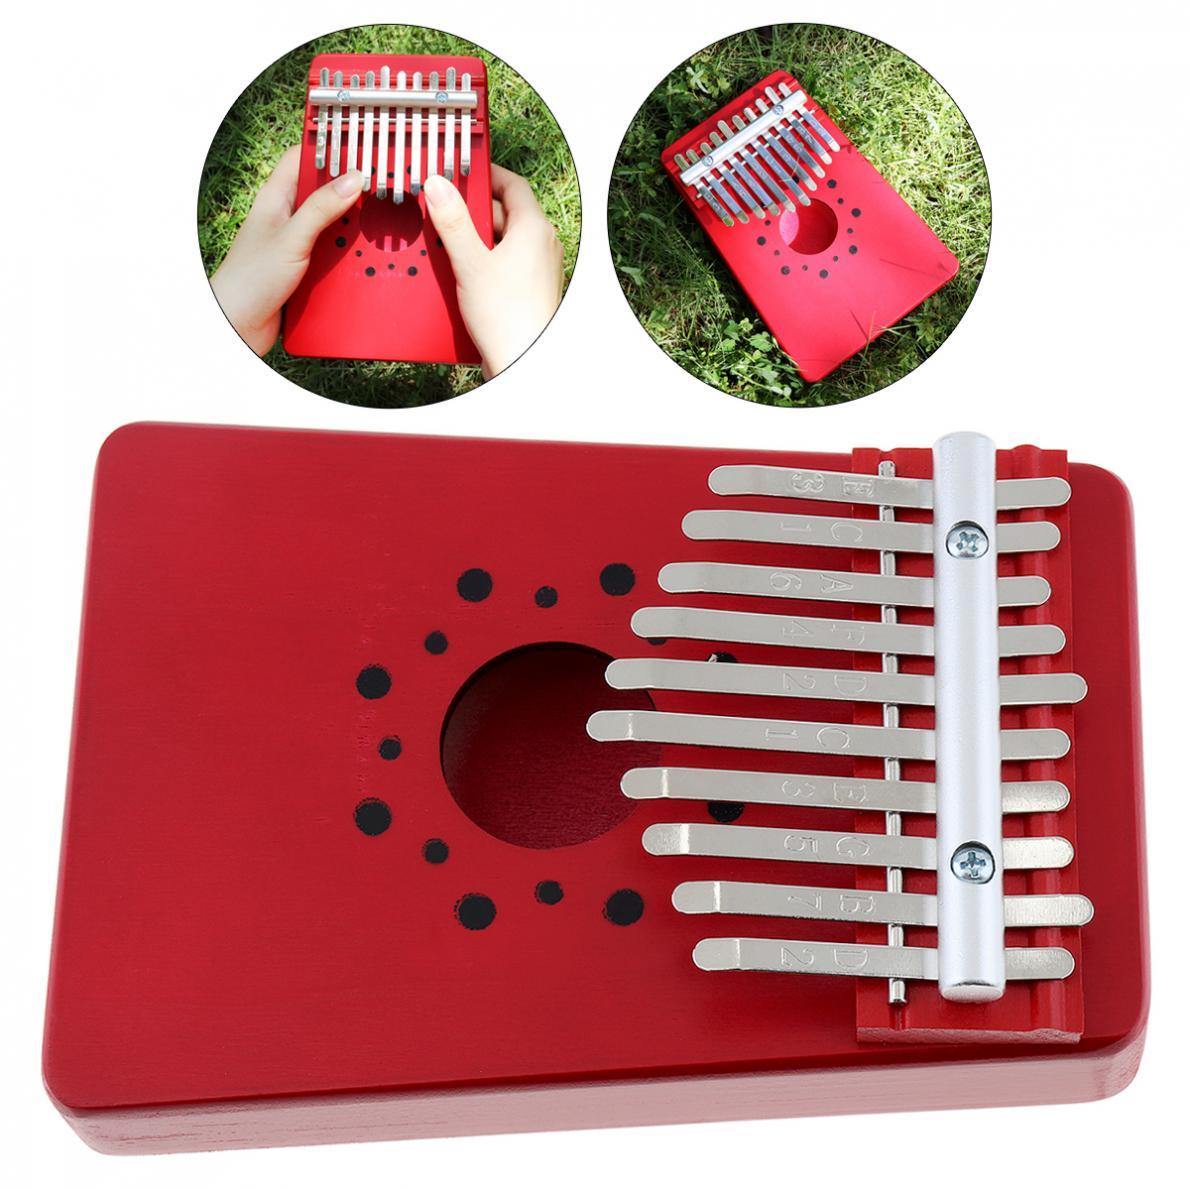 10 teclas, Kalimba rojo, pino, madera maciza, Pulgar, Piano, Mbira, Mini teclado con pegatina de tono para Principiantes/actuación profesional